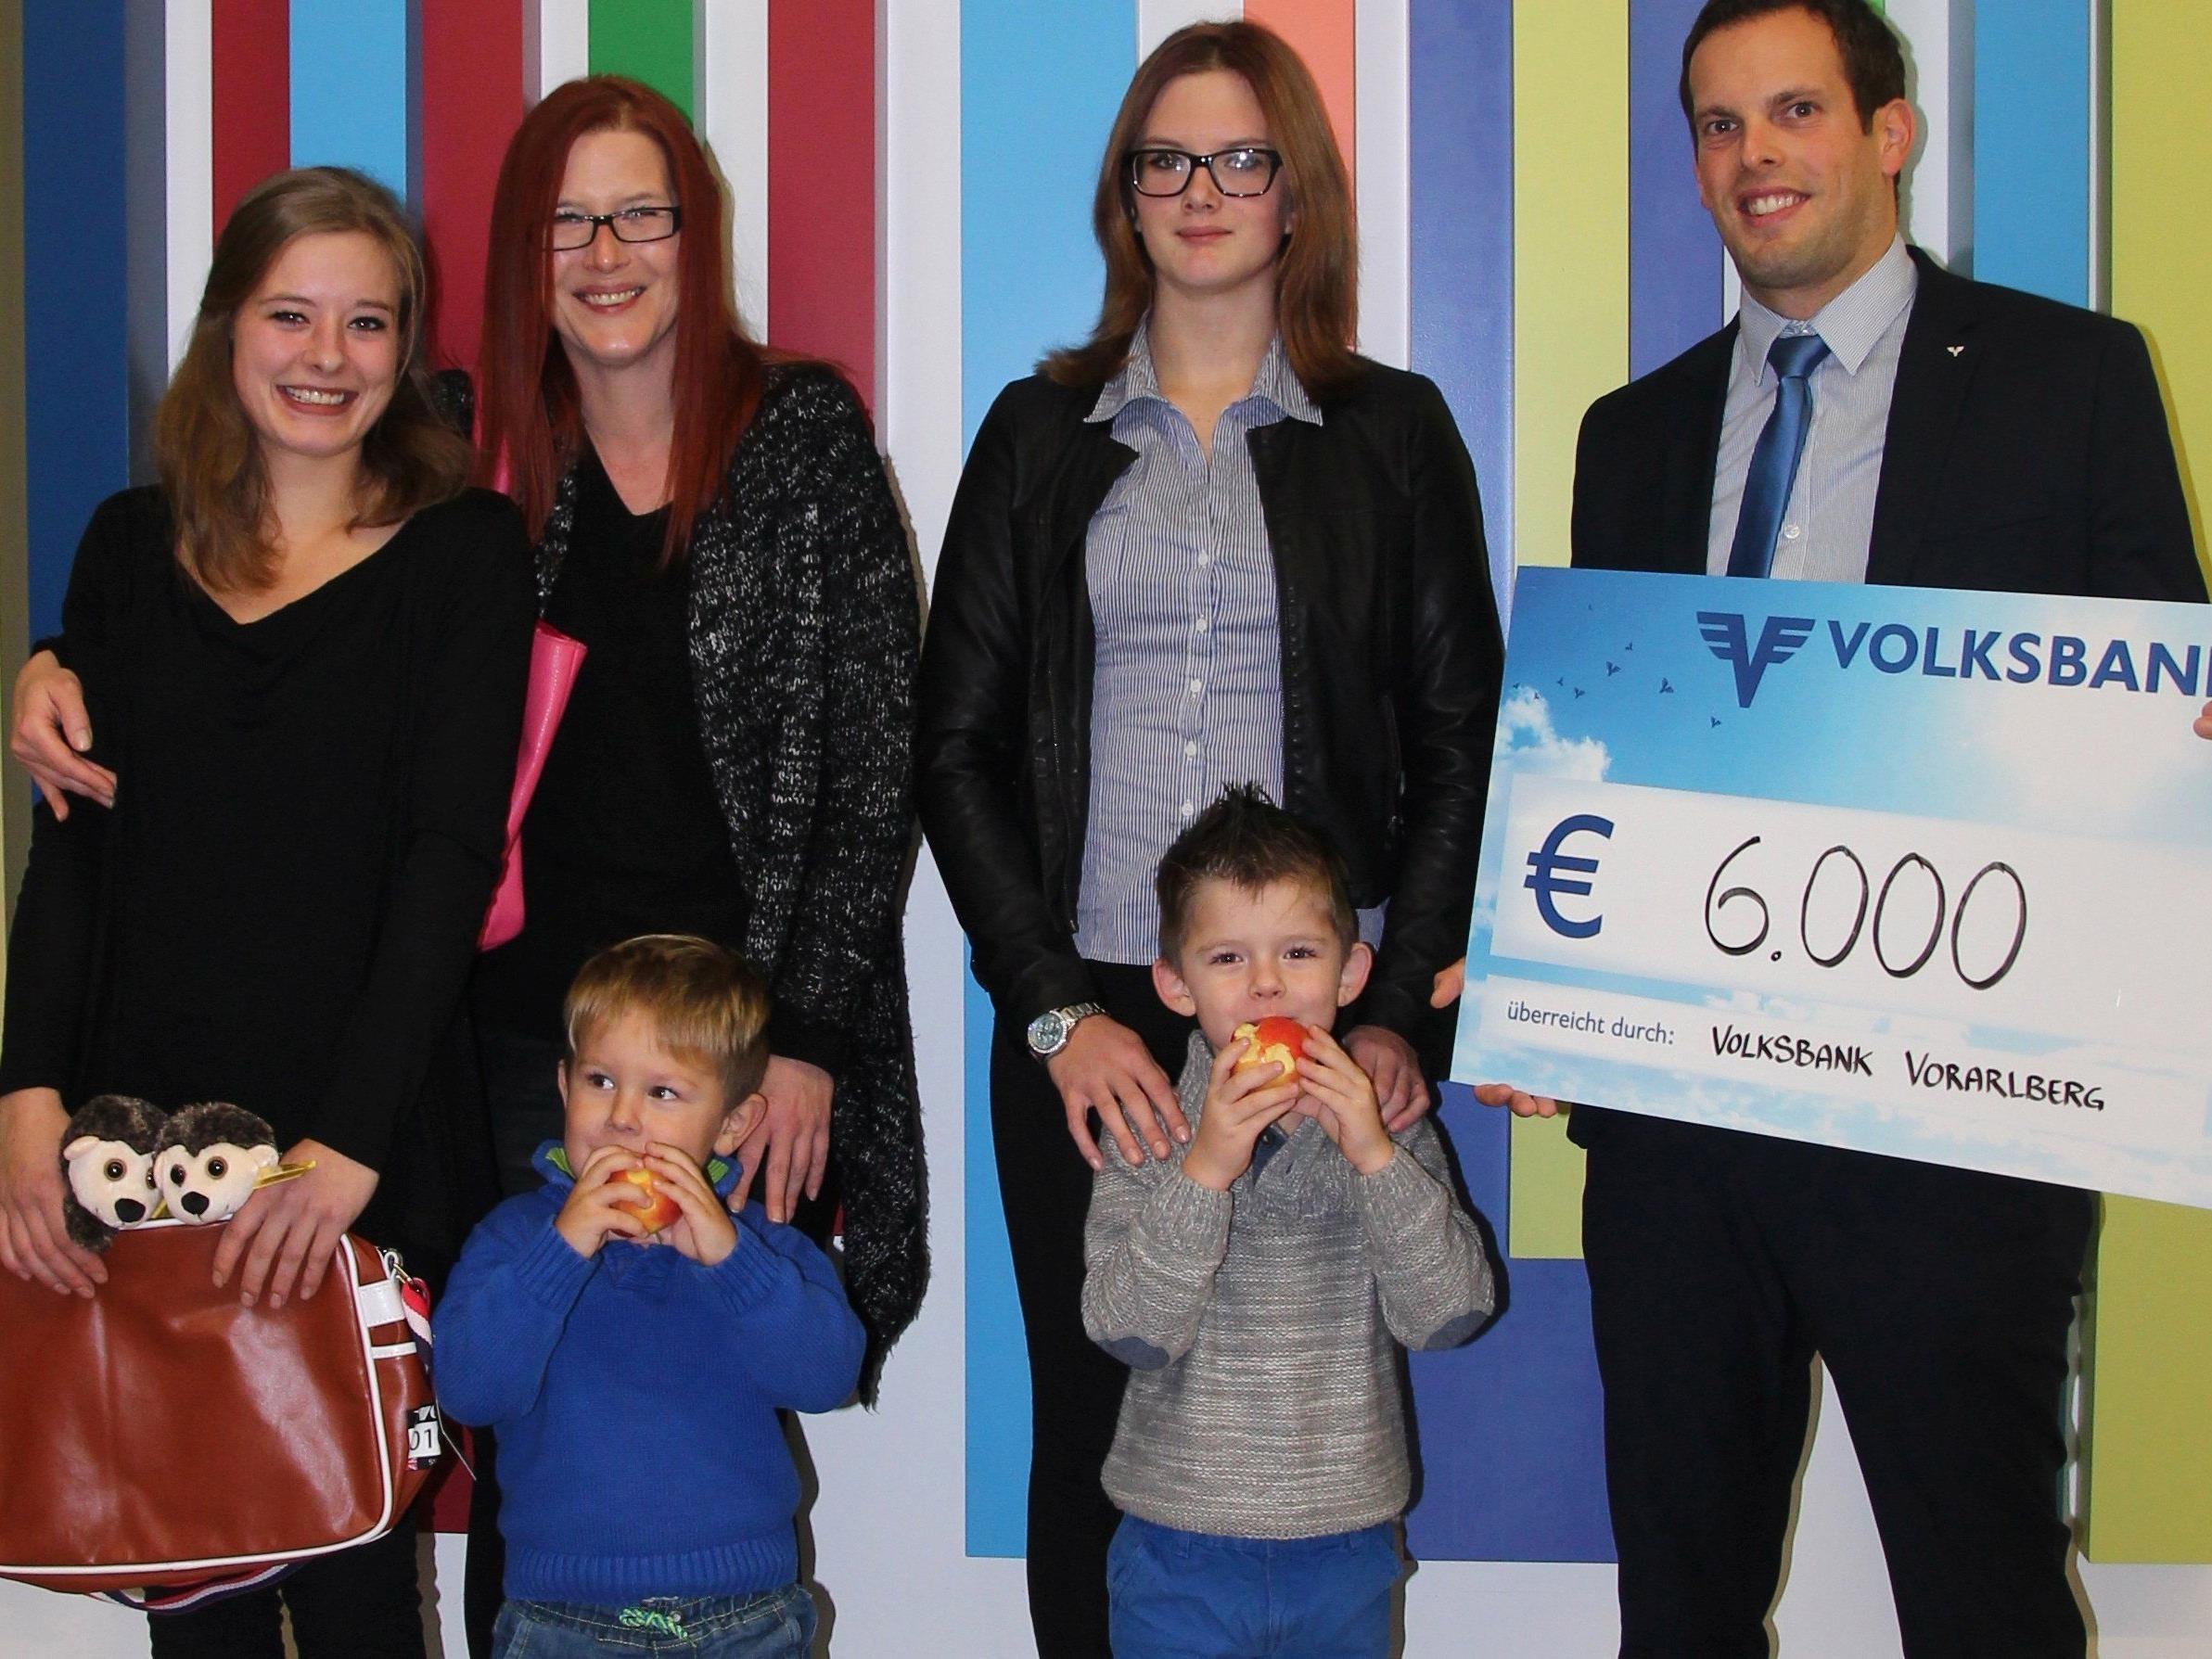 Kundenberater Jürgen Boll mit einer der Familien bei der symbolischen Scheckübergabe in der Volksbank Vorarlberg Zentrale in Rankweil.